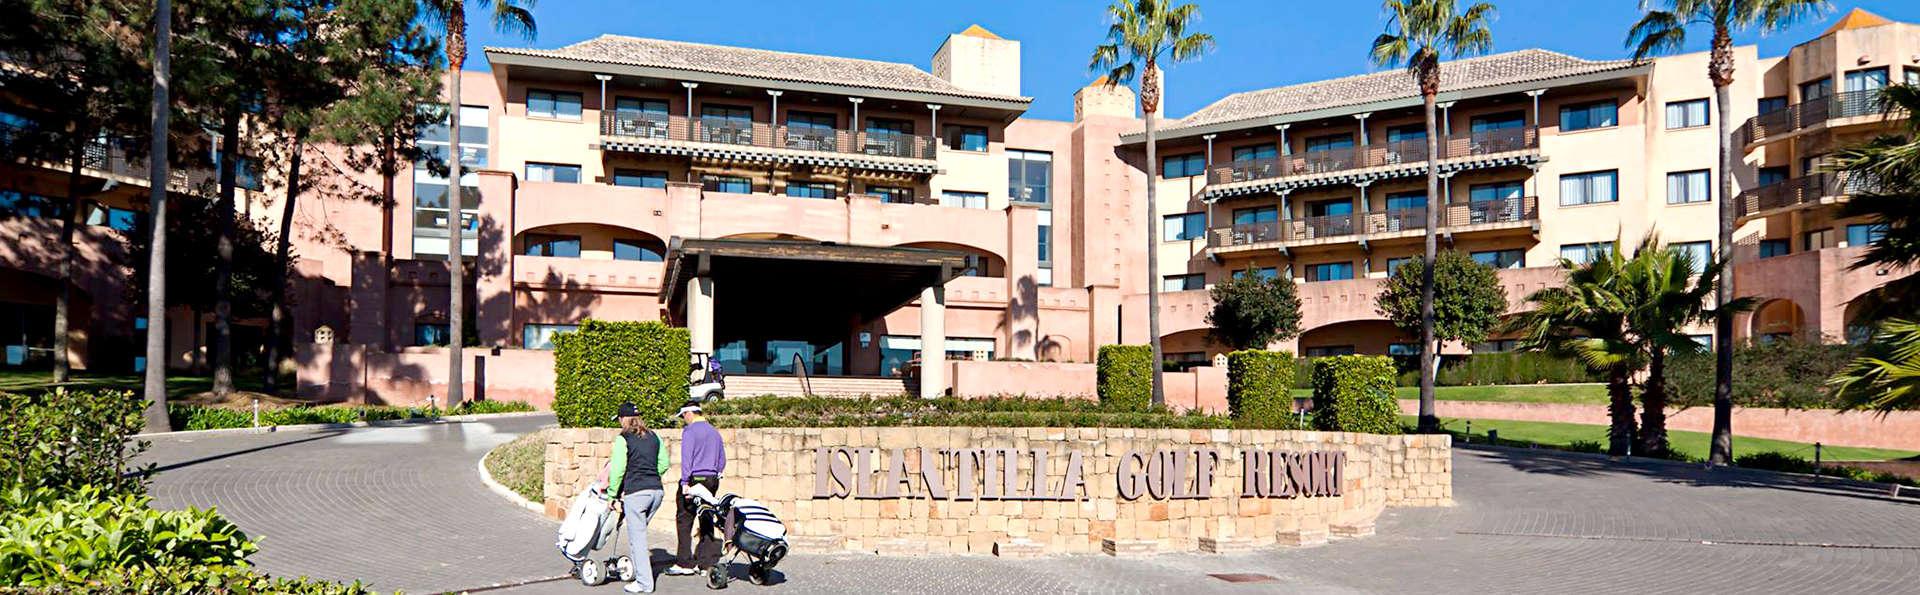 Islantilla Golf Resort - Edit_Front.jpg